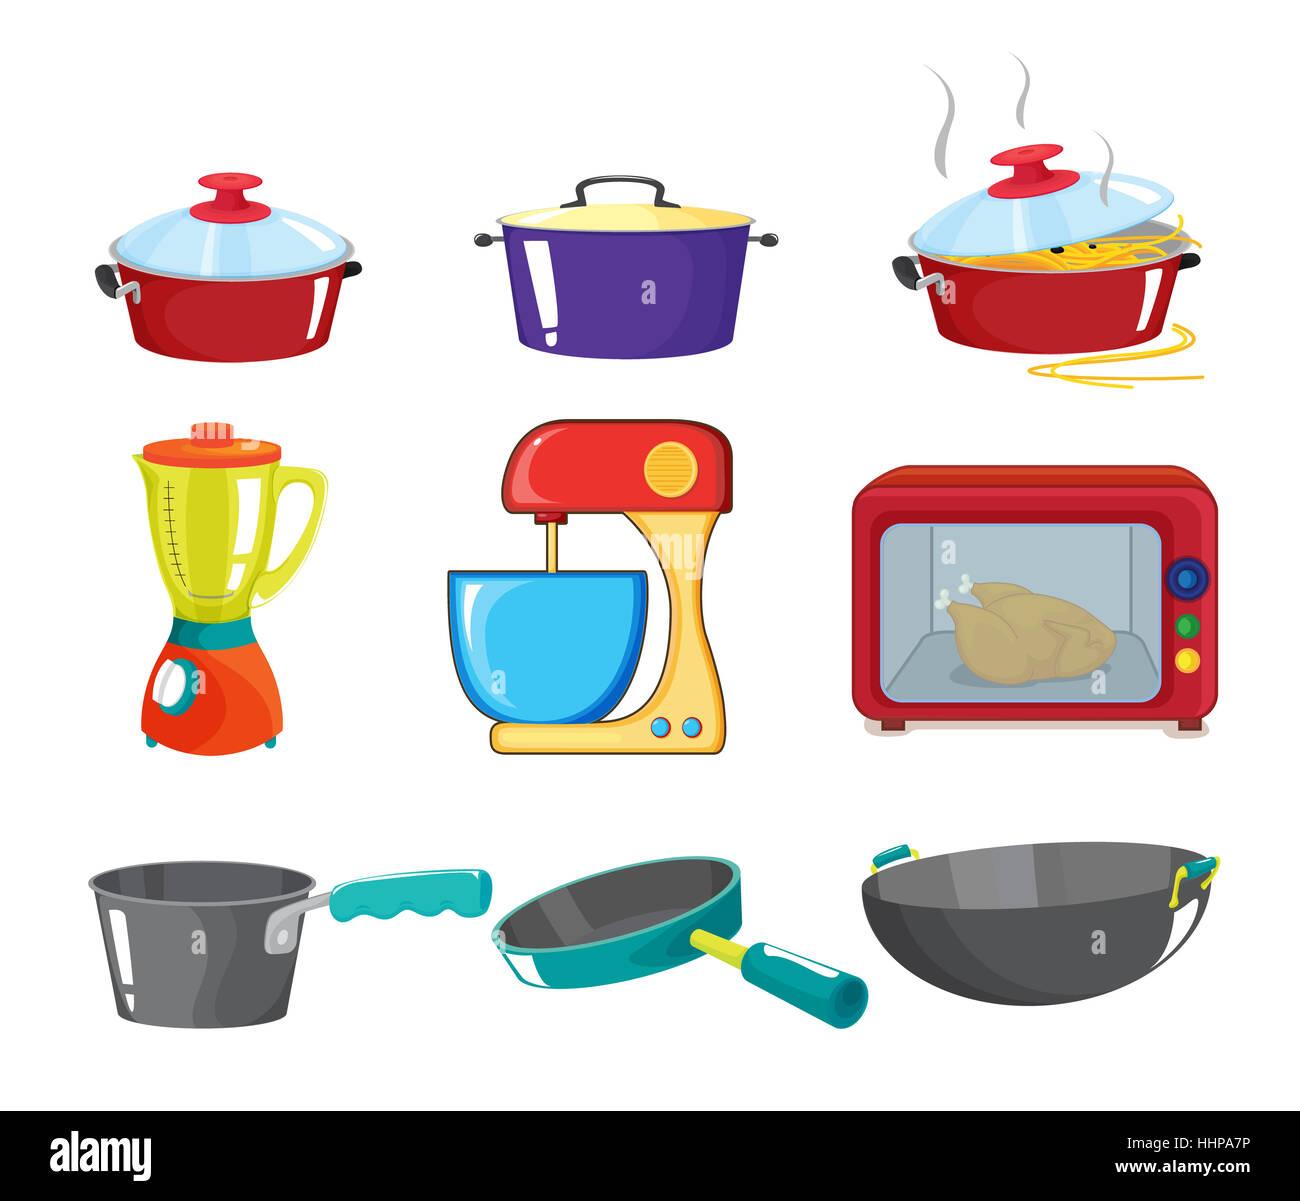 Comic dibujos animados ilustraciones objetos aislados for Objetos de cocina